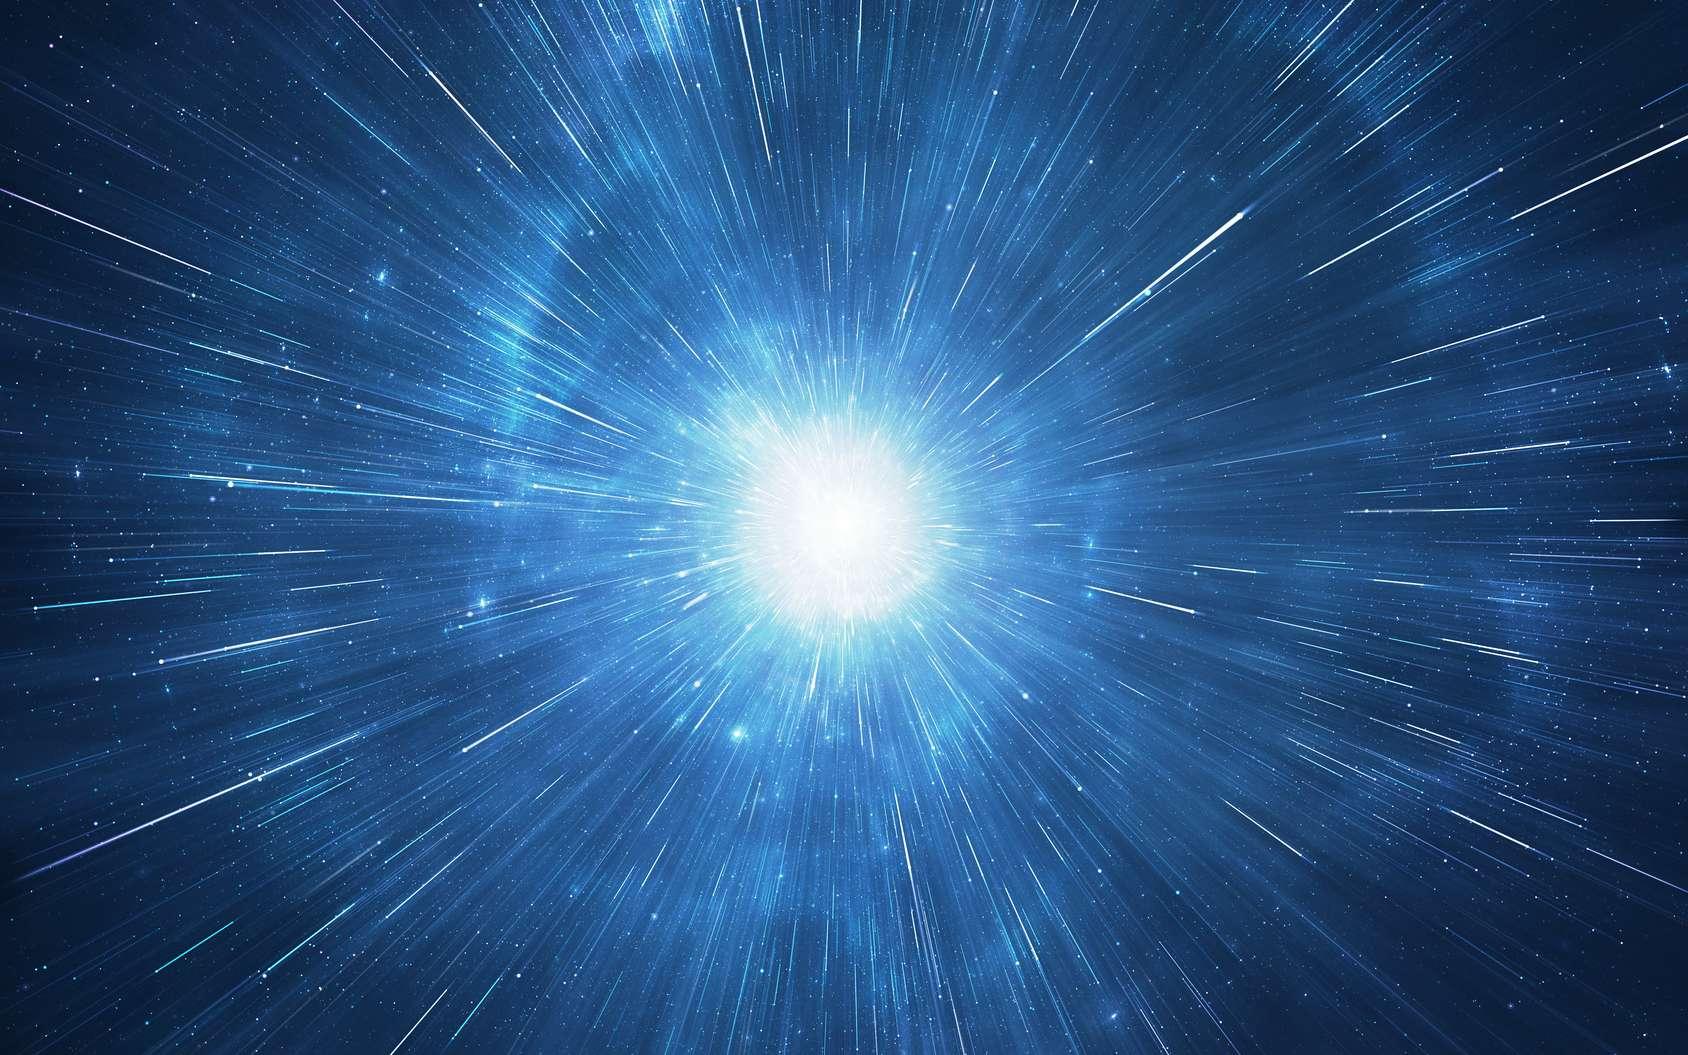 Dans la saga Star Wars, le Faucon Millenium peut passer en « vitesse lumière » et plonger dans l'hyperespace. Le personnage Han Solo dit d'ailleurs de son vaisseau qu'il est « le plus rapide de la galaxie ». Mais peut-on réellement voyager à la même vitesse – voire plus vite – que la lumière ? © pixel, fotolia